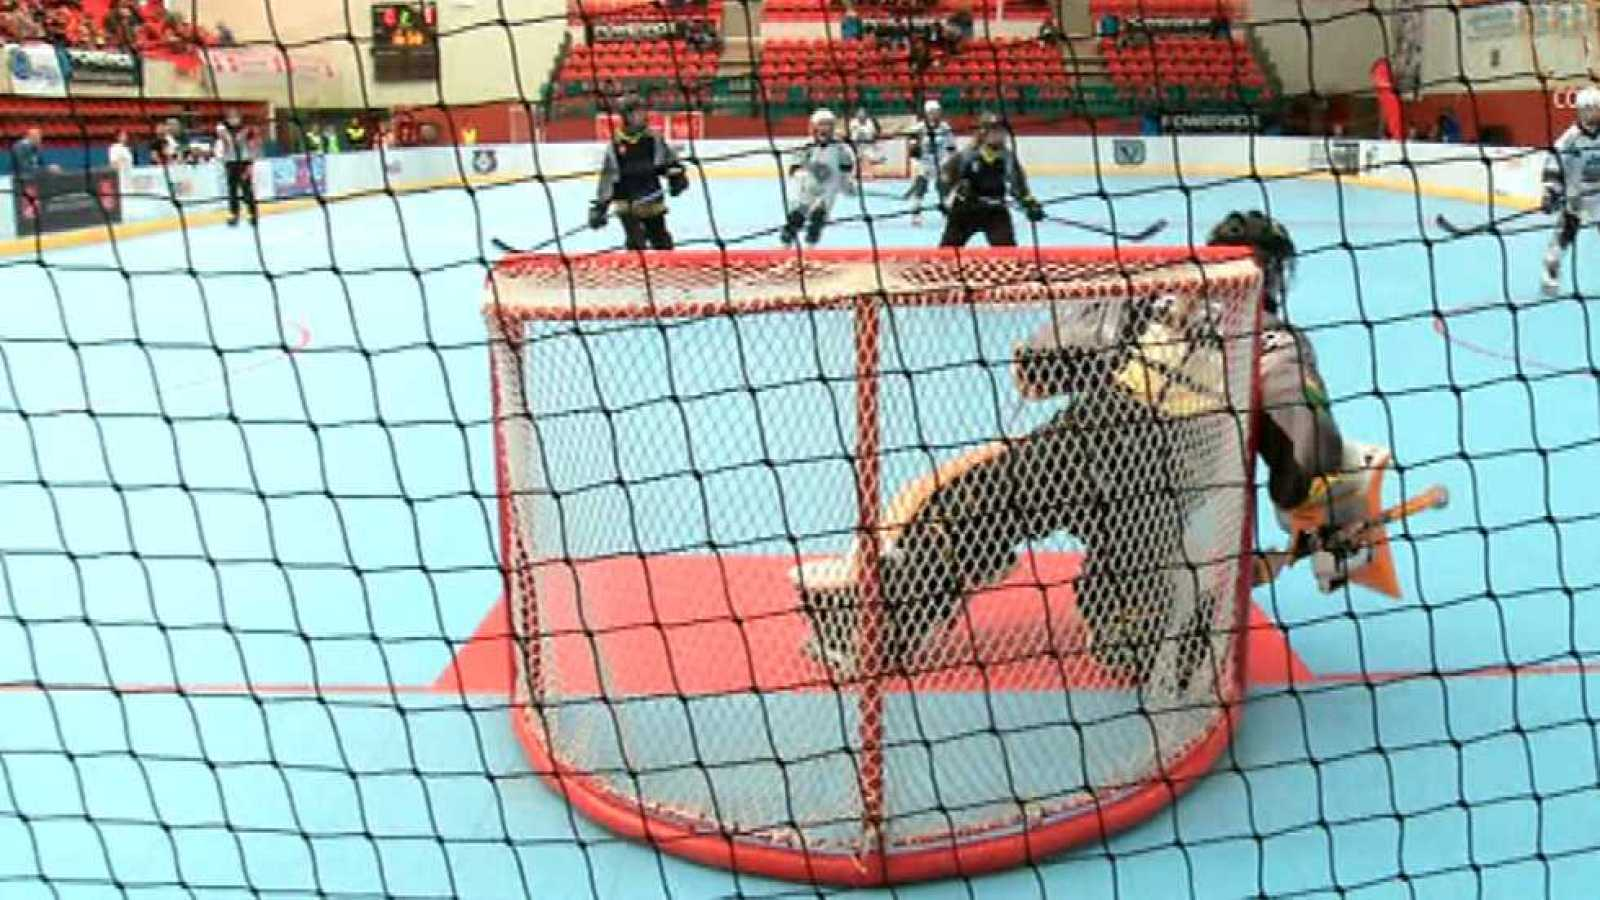 Hockey Línea - Copa del Rey y de la Reina 2016. Resumen - ver ahora